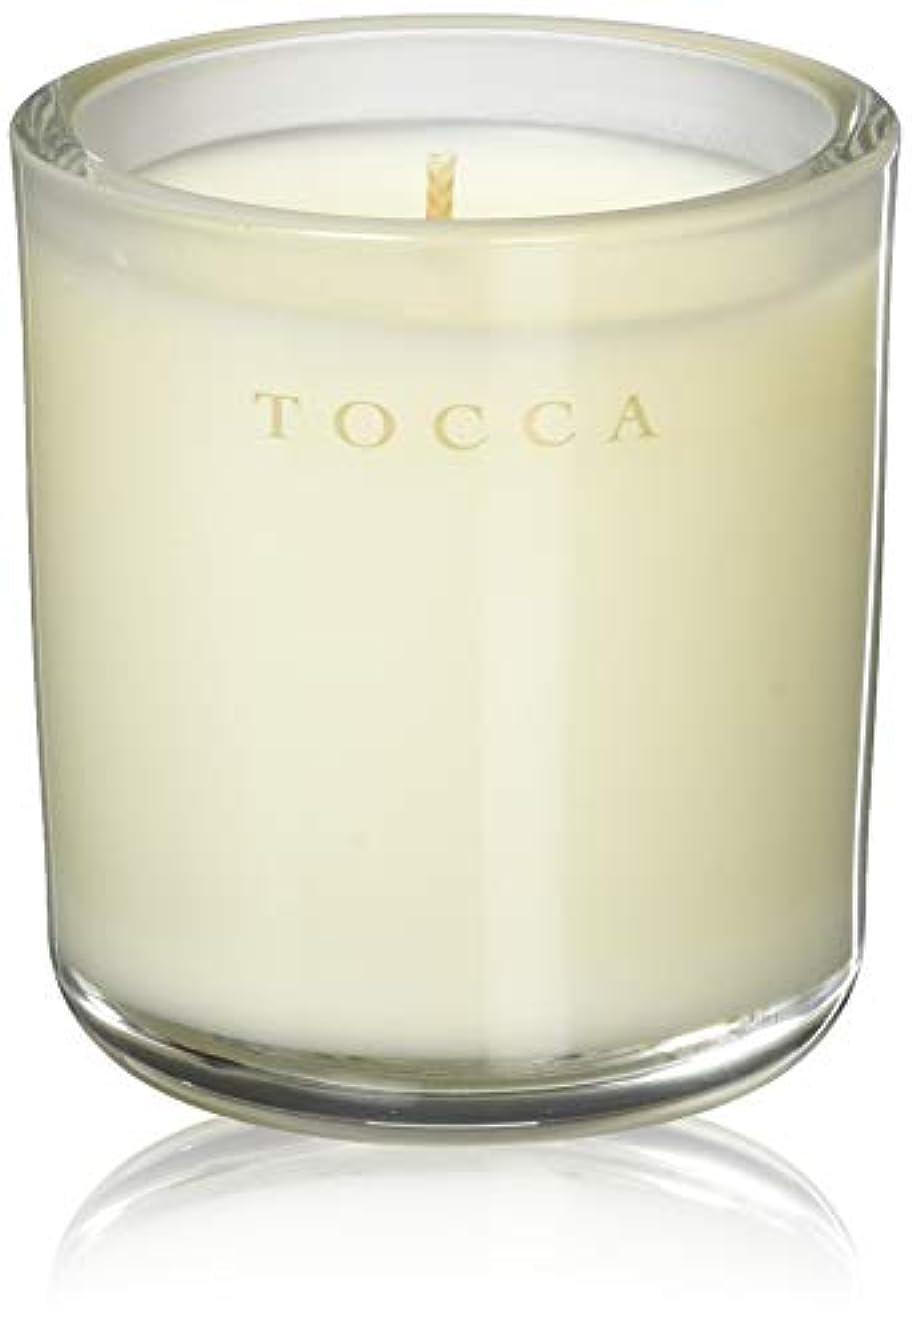 パケットワーカー才能のあるTOCCA(トッカ) ボヤージュ キャンデリーナ バレンシア 85g (ろうそく 芳香 オレンジとベルガモットのフレッシュシトラスな香り)